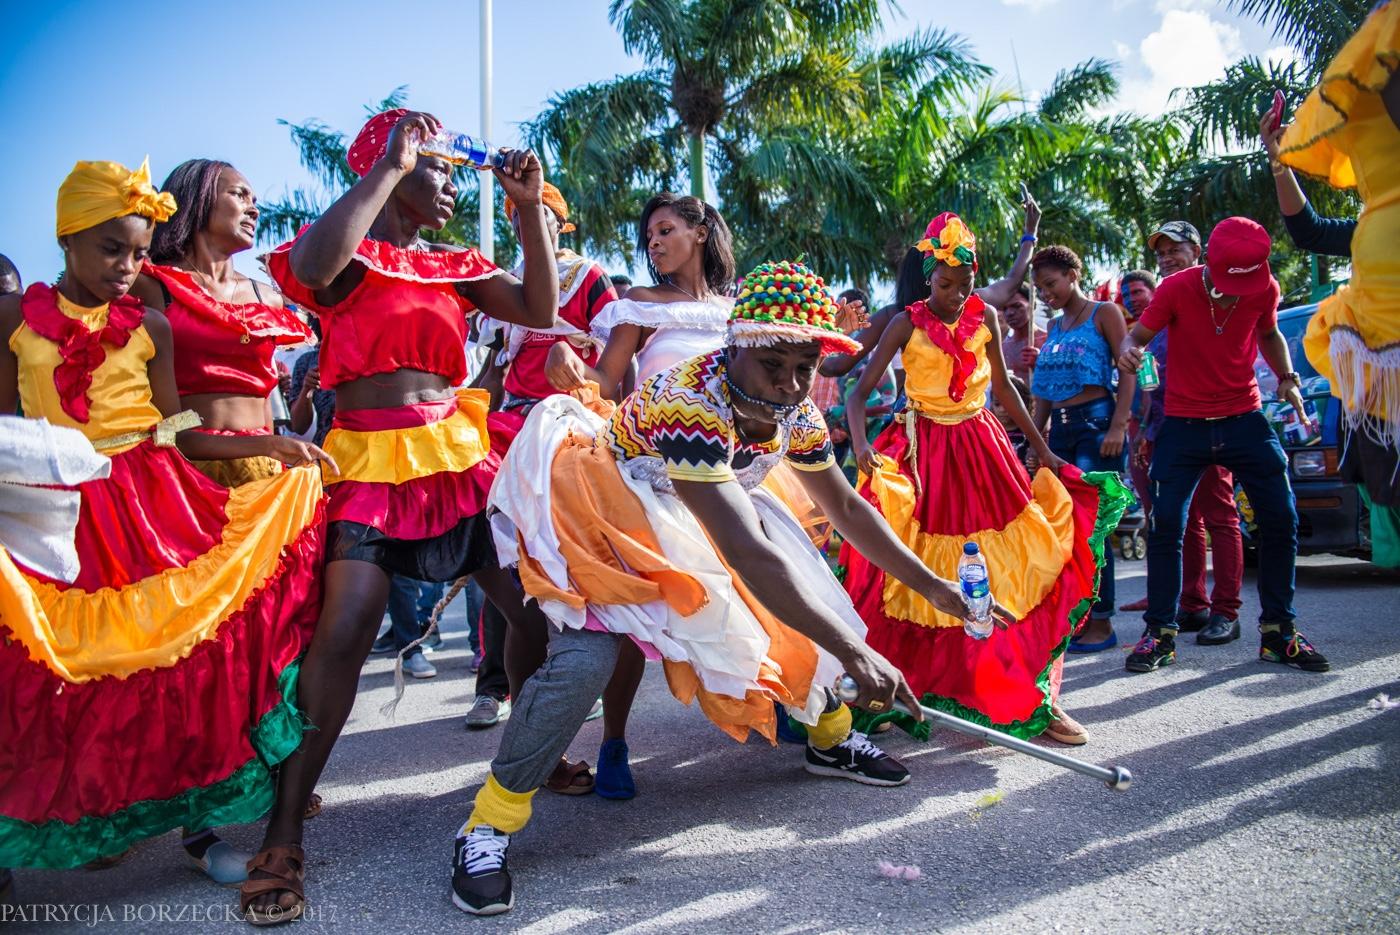 PatrycjaBorzecka-Photo-Carnival-Punta-Cana05